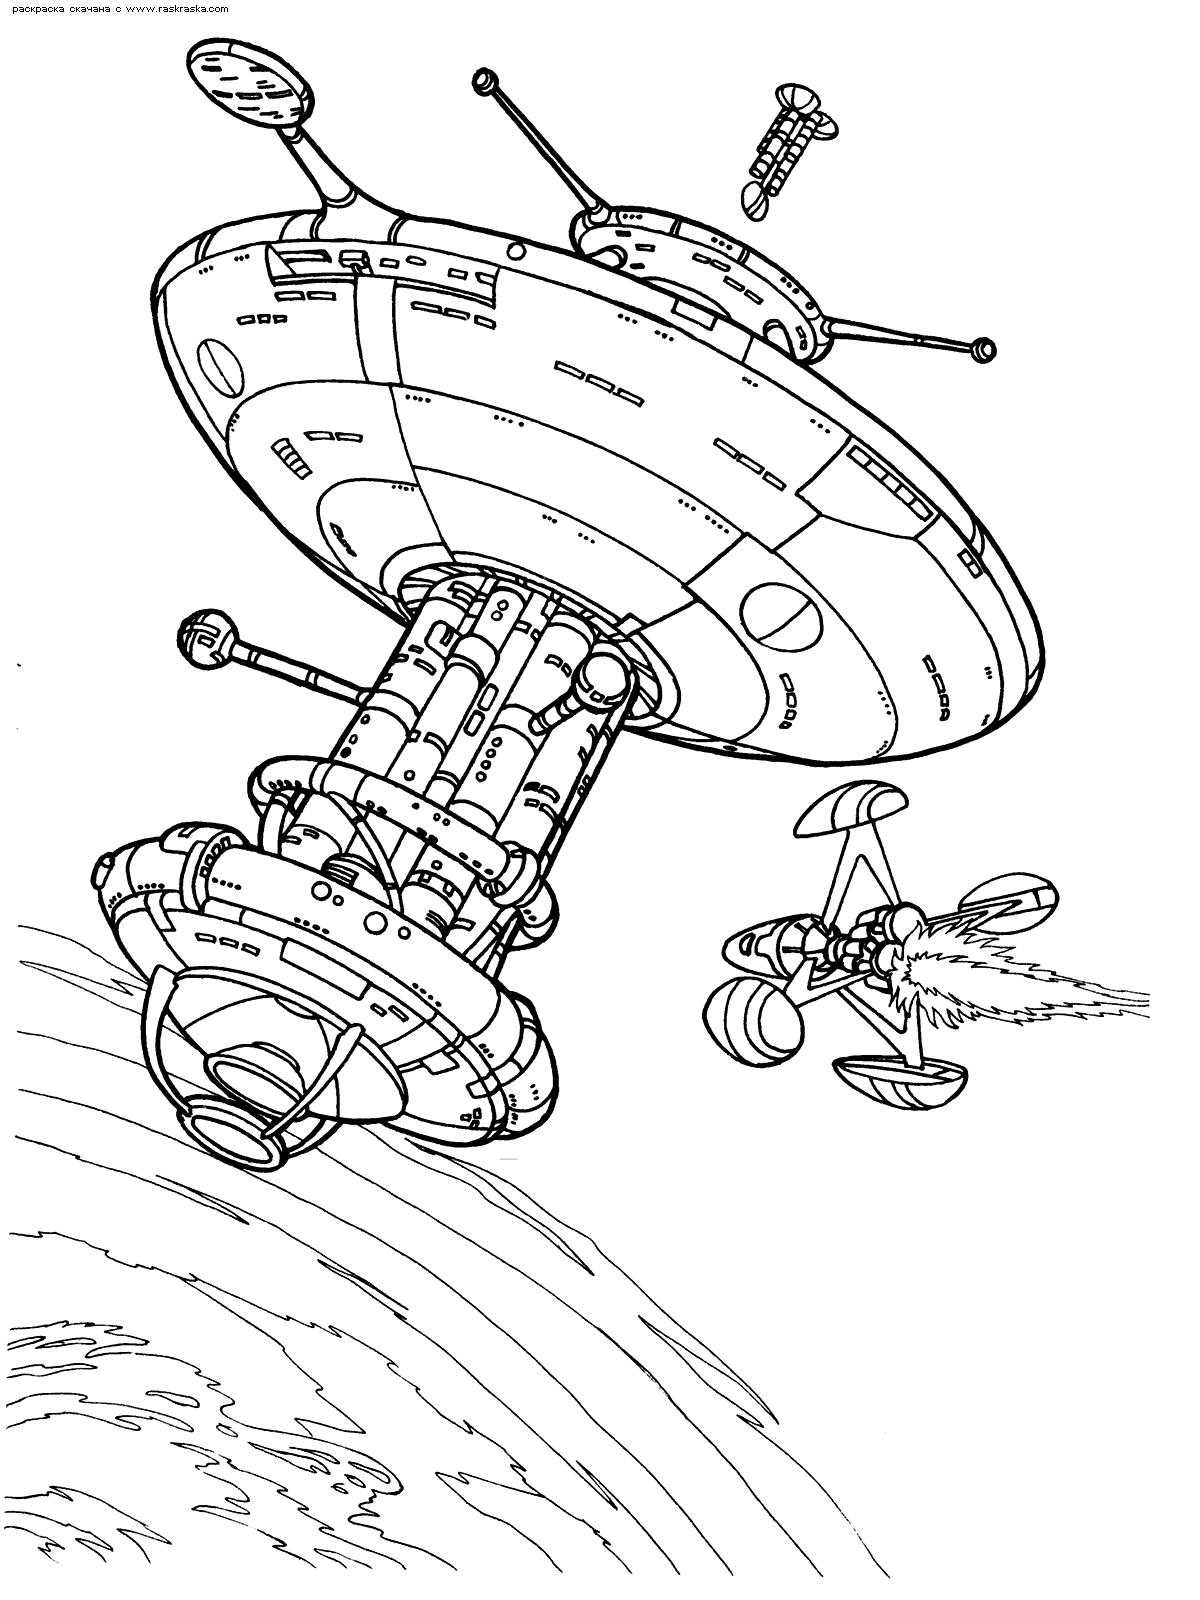 Раскраска Космическая станция. Раскраска станция, космос